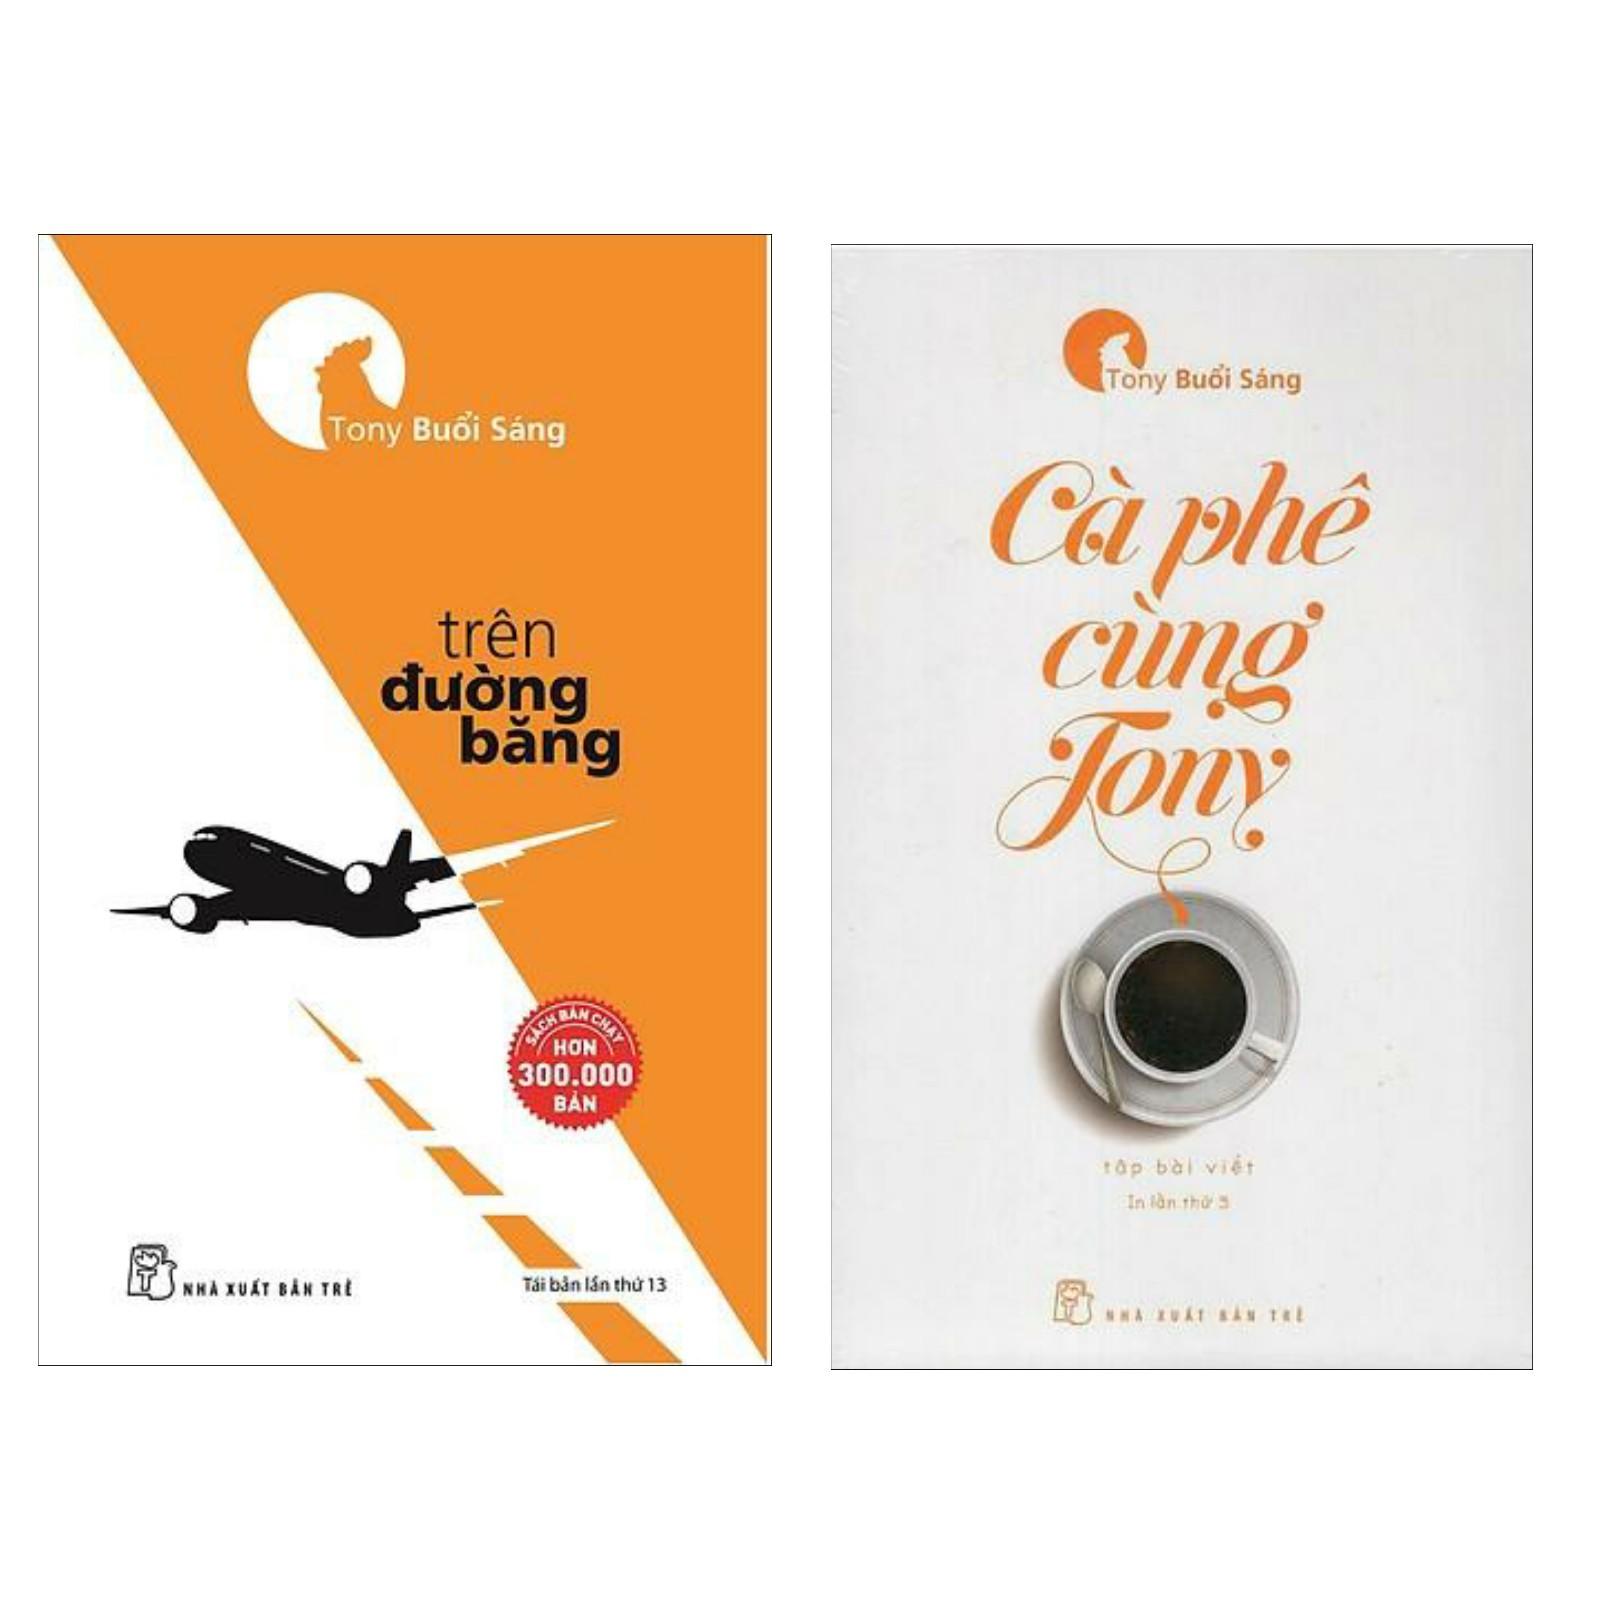 Combo Kỹ Năng Sống: Trên Đường Băng + Cà Phê Cùng Tony (Những Cuốn Sách Truyền Cảm Hứng Bậc Nhất Cho Giới Trẻ - Tặng Kèm Bookmark Green Life)